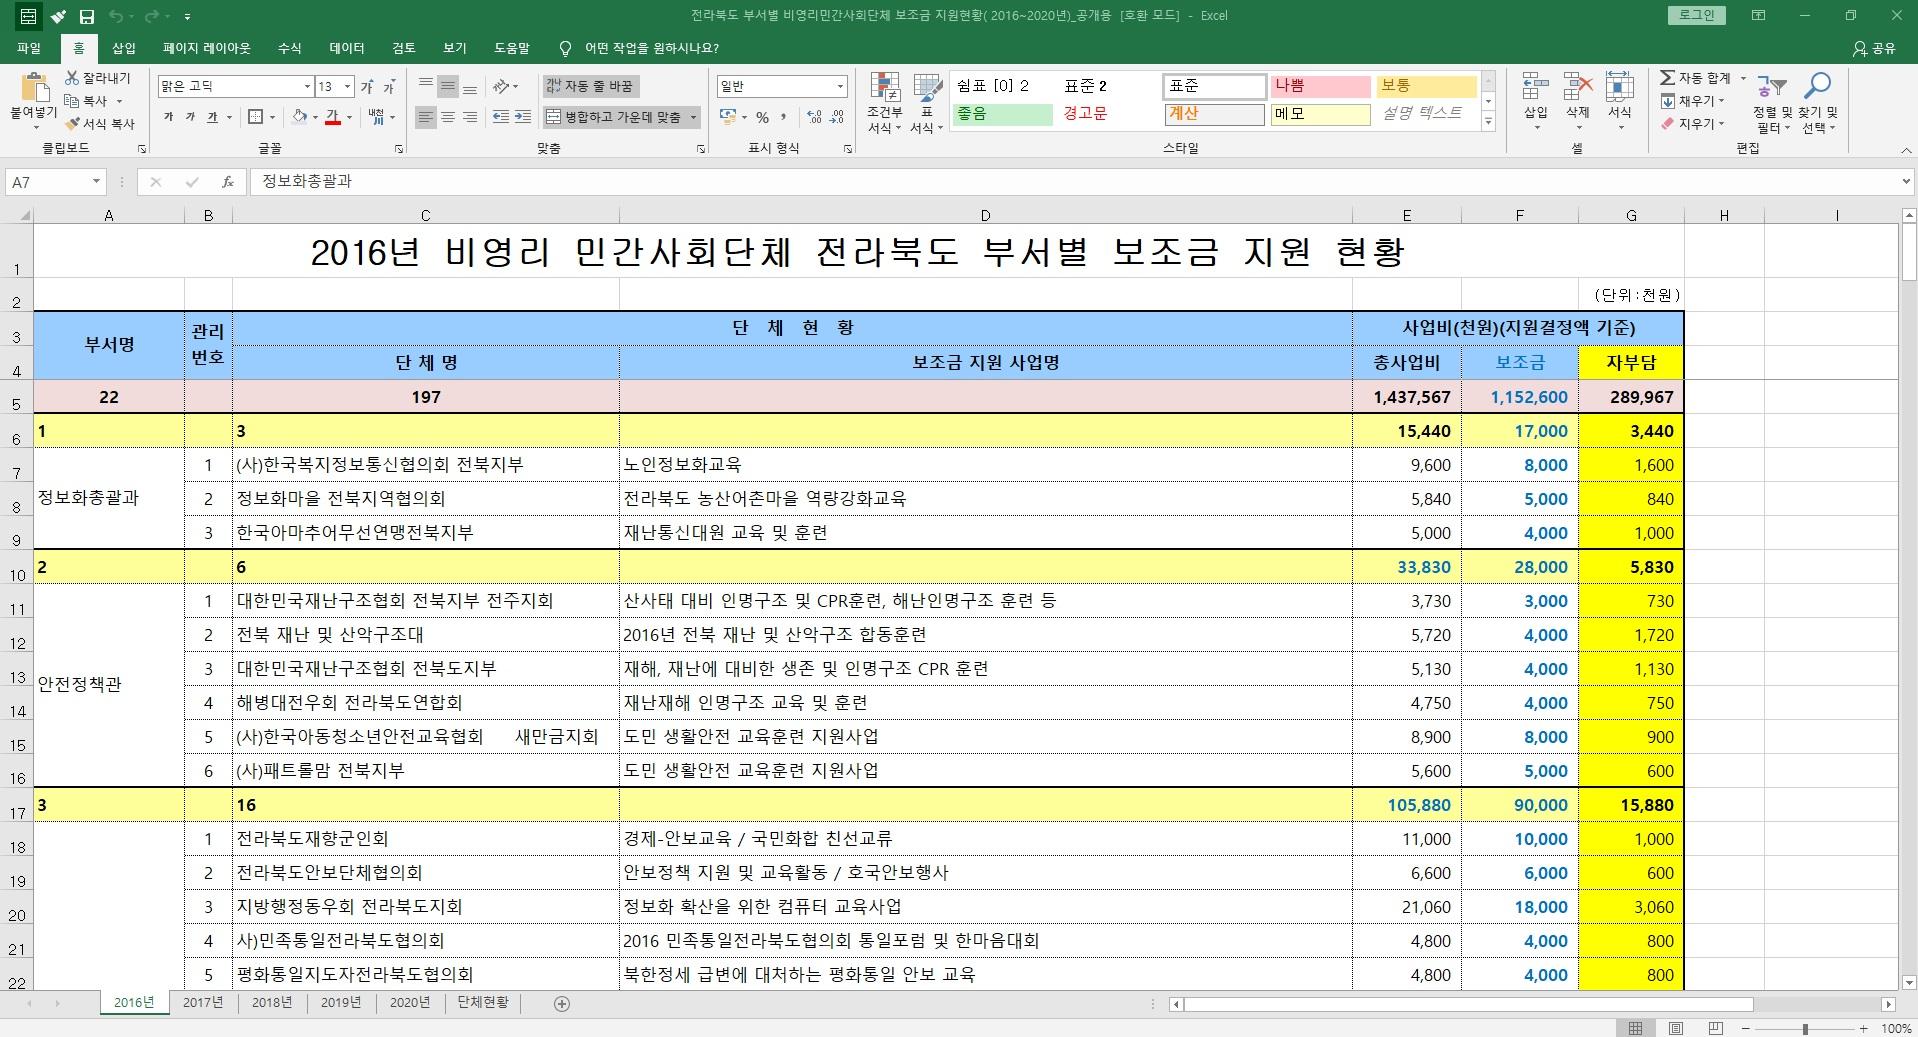 8.28_2016년 전북도 부서별 민간사회단체 보조금 지원현황.jpg